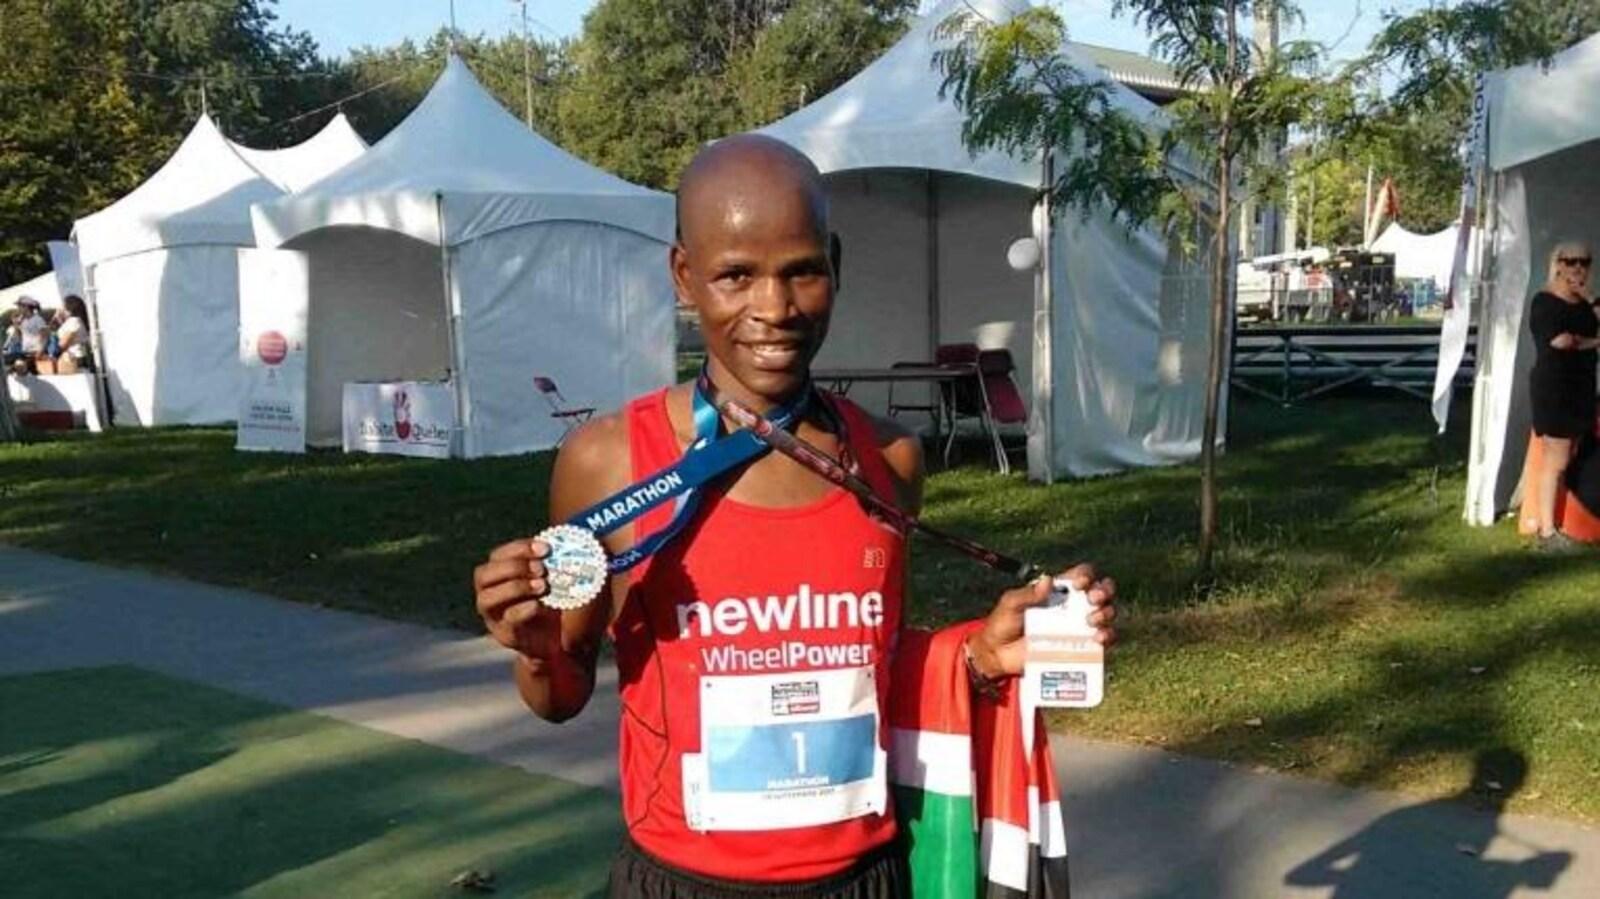 Le gagnant du demi-marathon de Montréal, le Kenyan Daniel Gekera